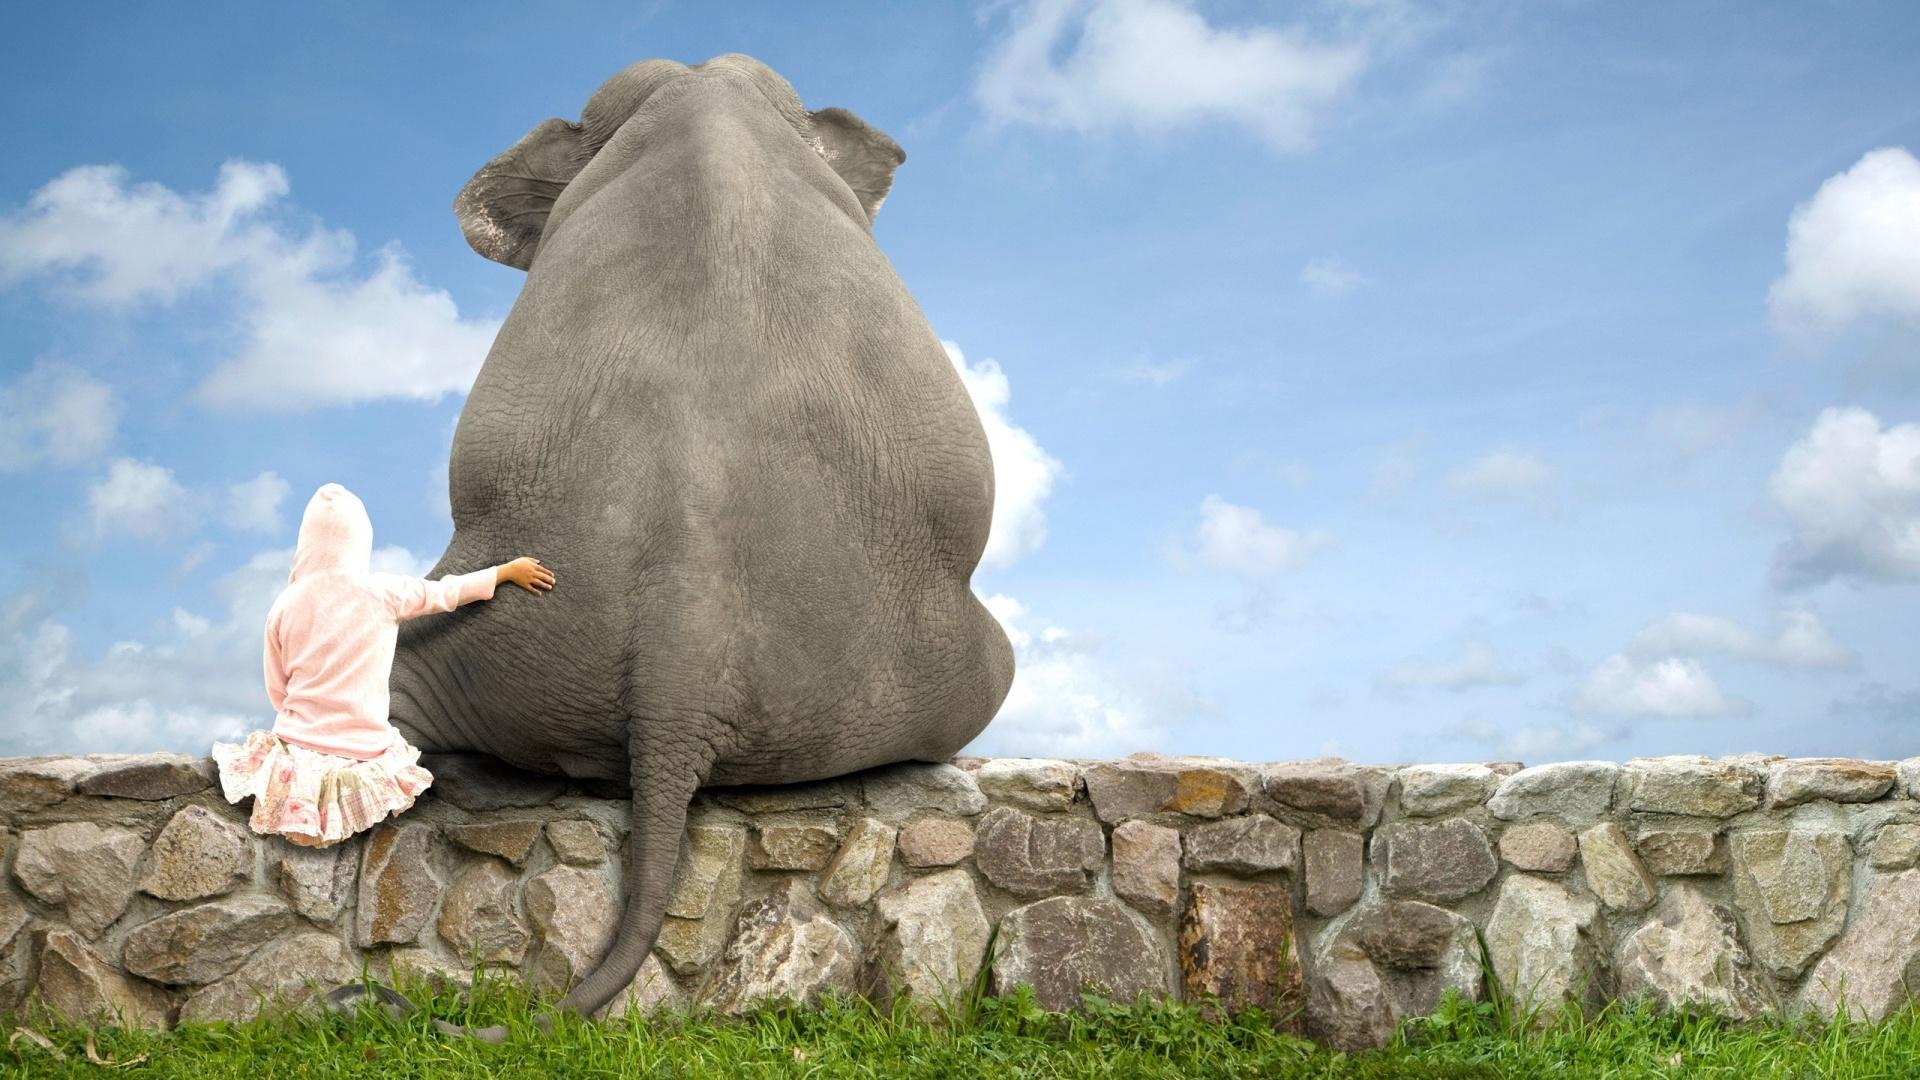 Elephant-Friend-1920x1080